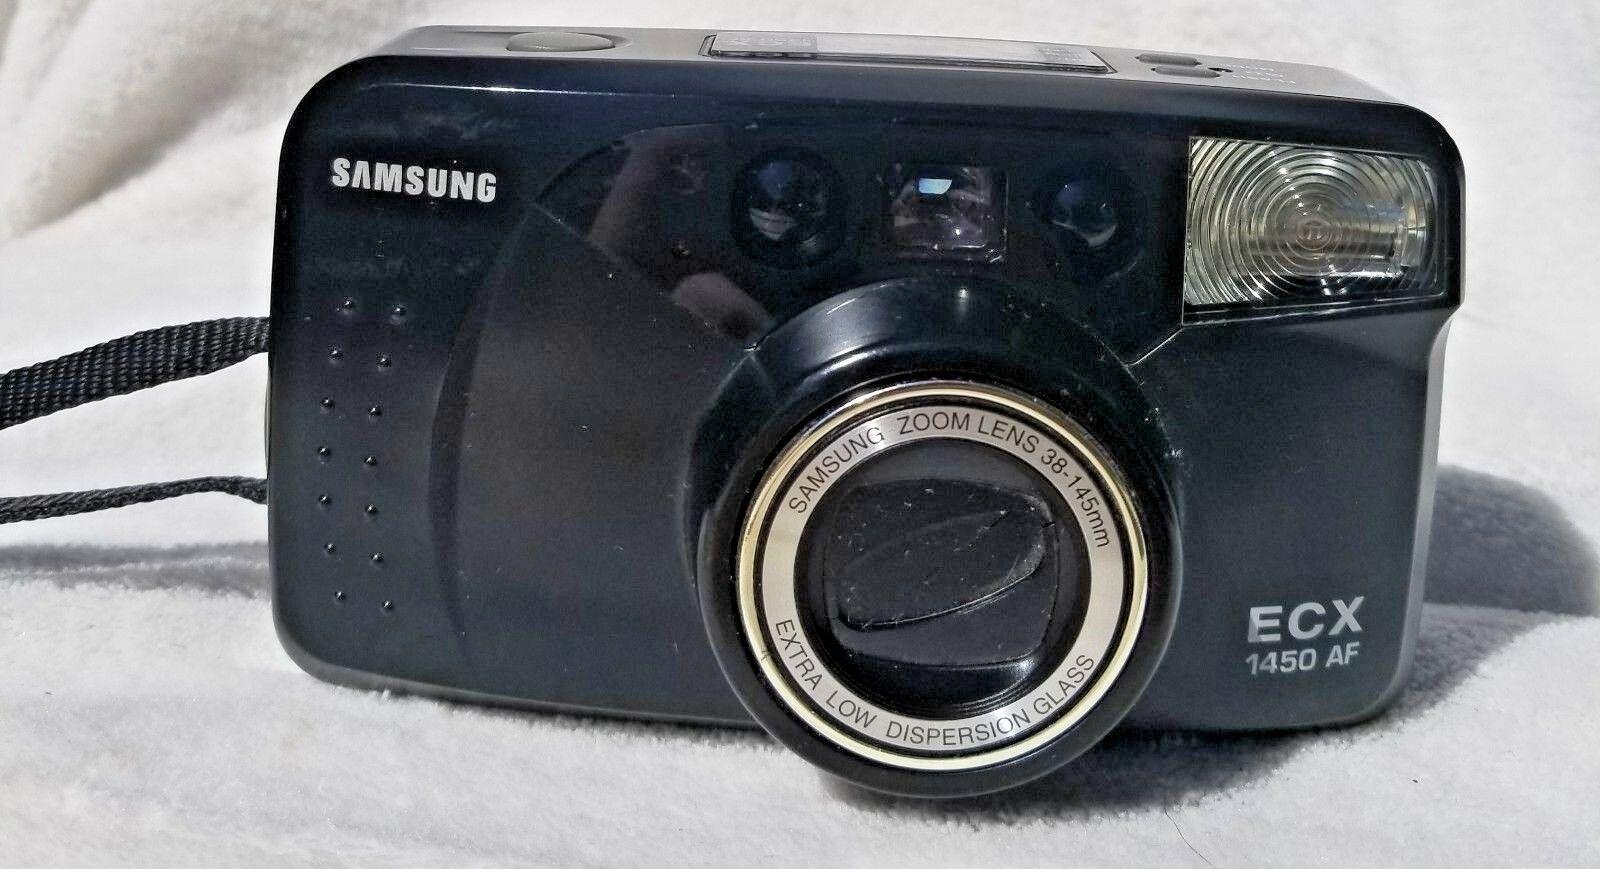 samsung exc 1450 af image 6